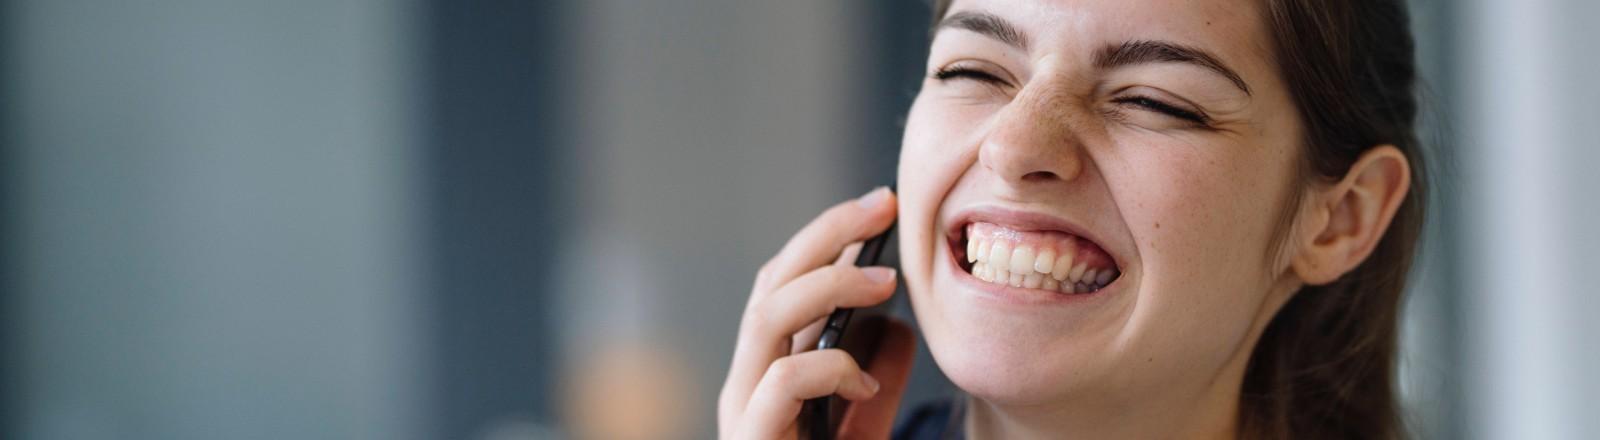 Eine Frau telefoniert und gestikuliert